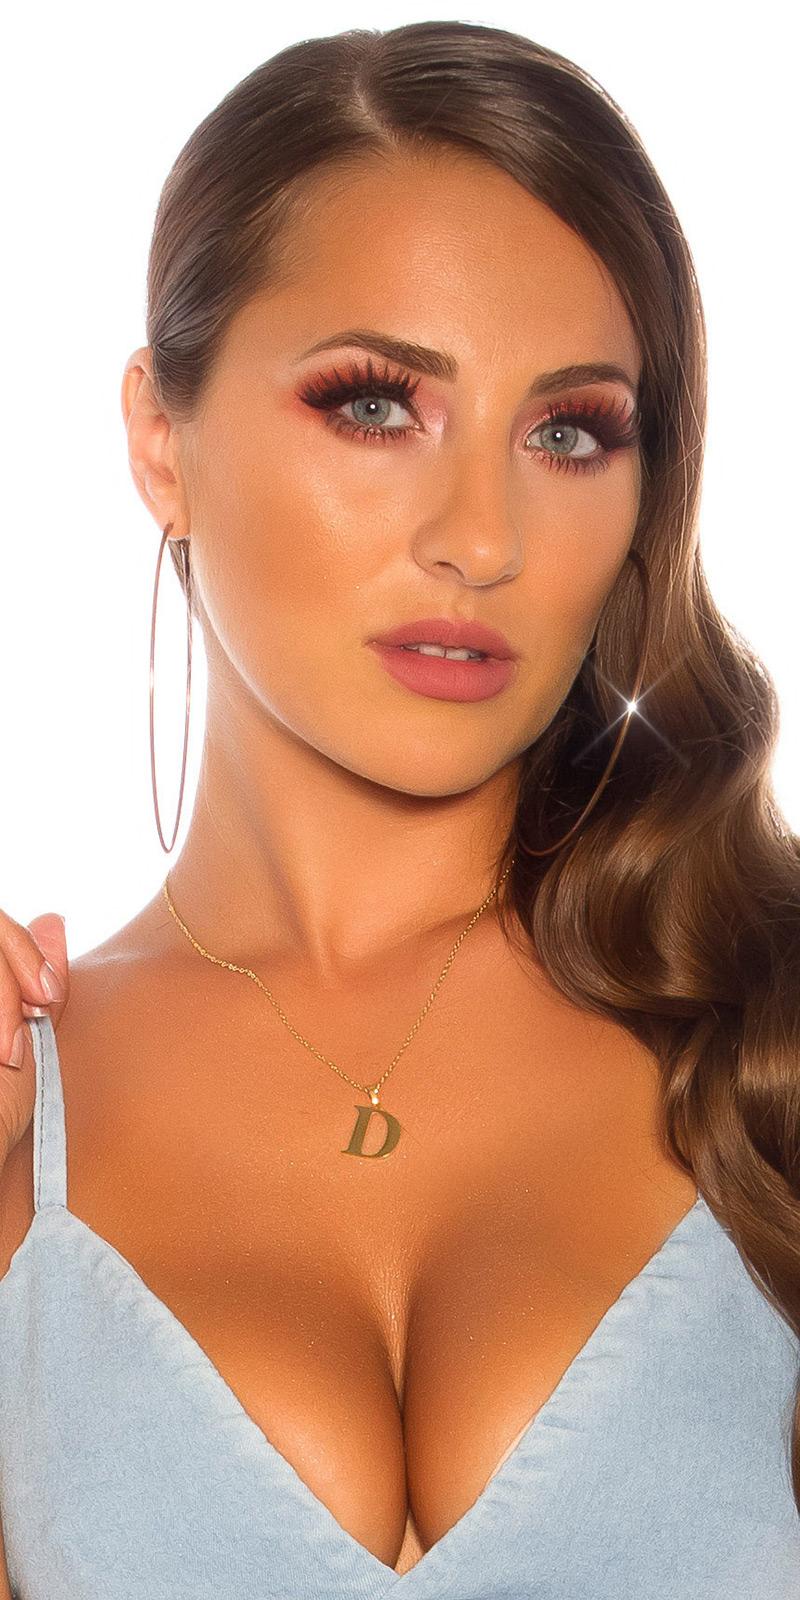 Lantic femei Sexy letter D